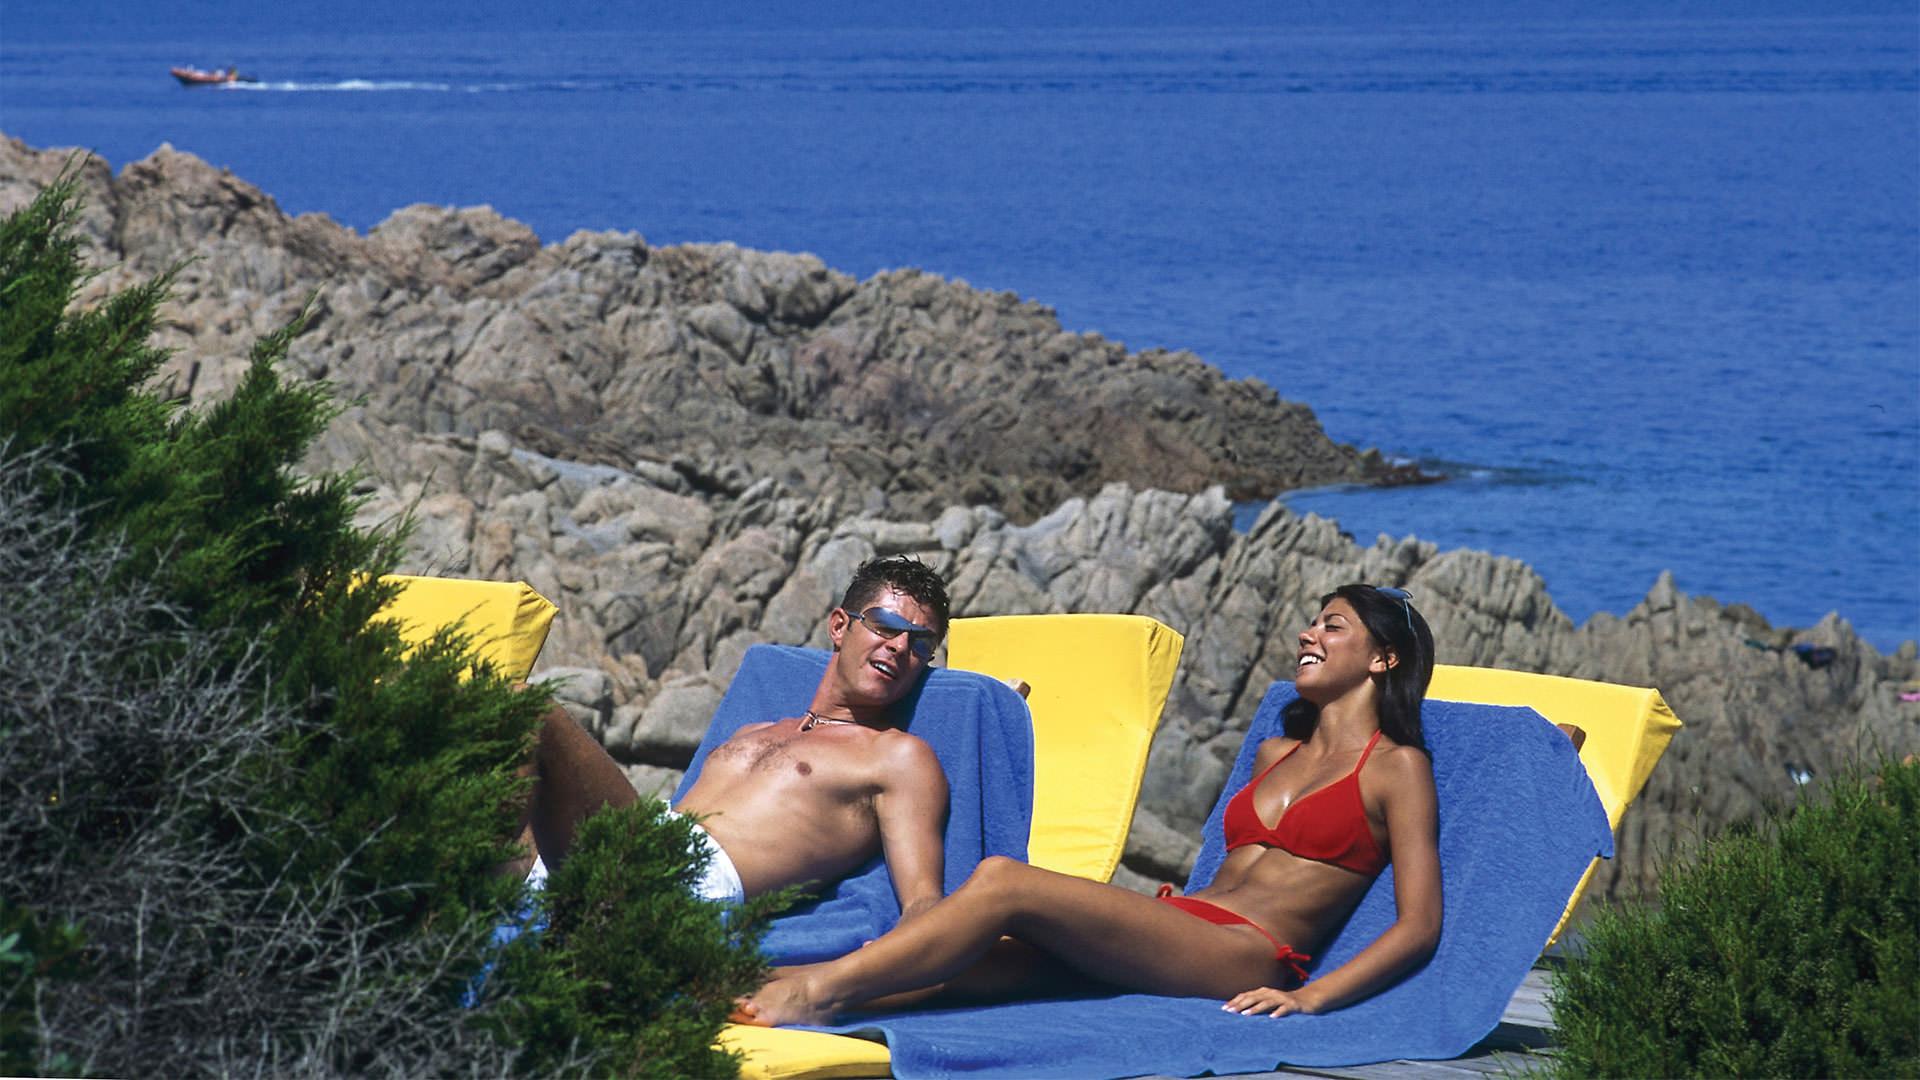 hotel-torreruja-isola-rossa-slide-solarium-mare-mini